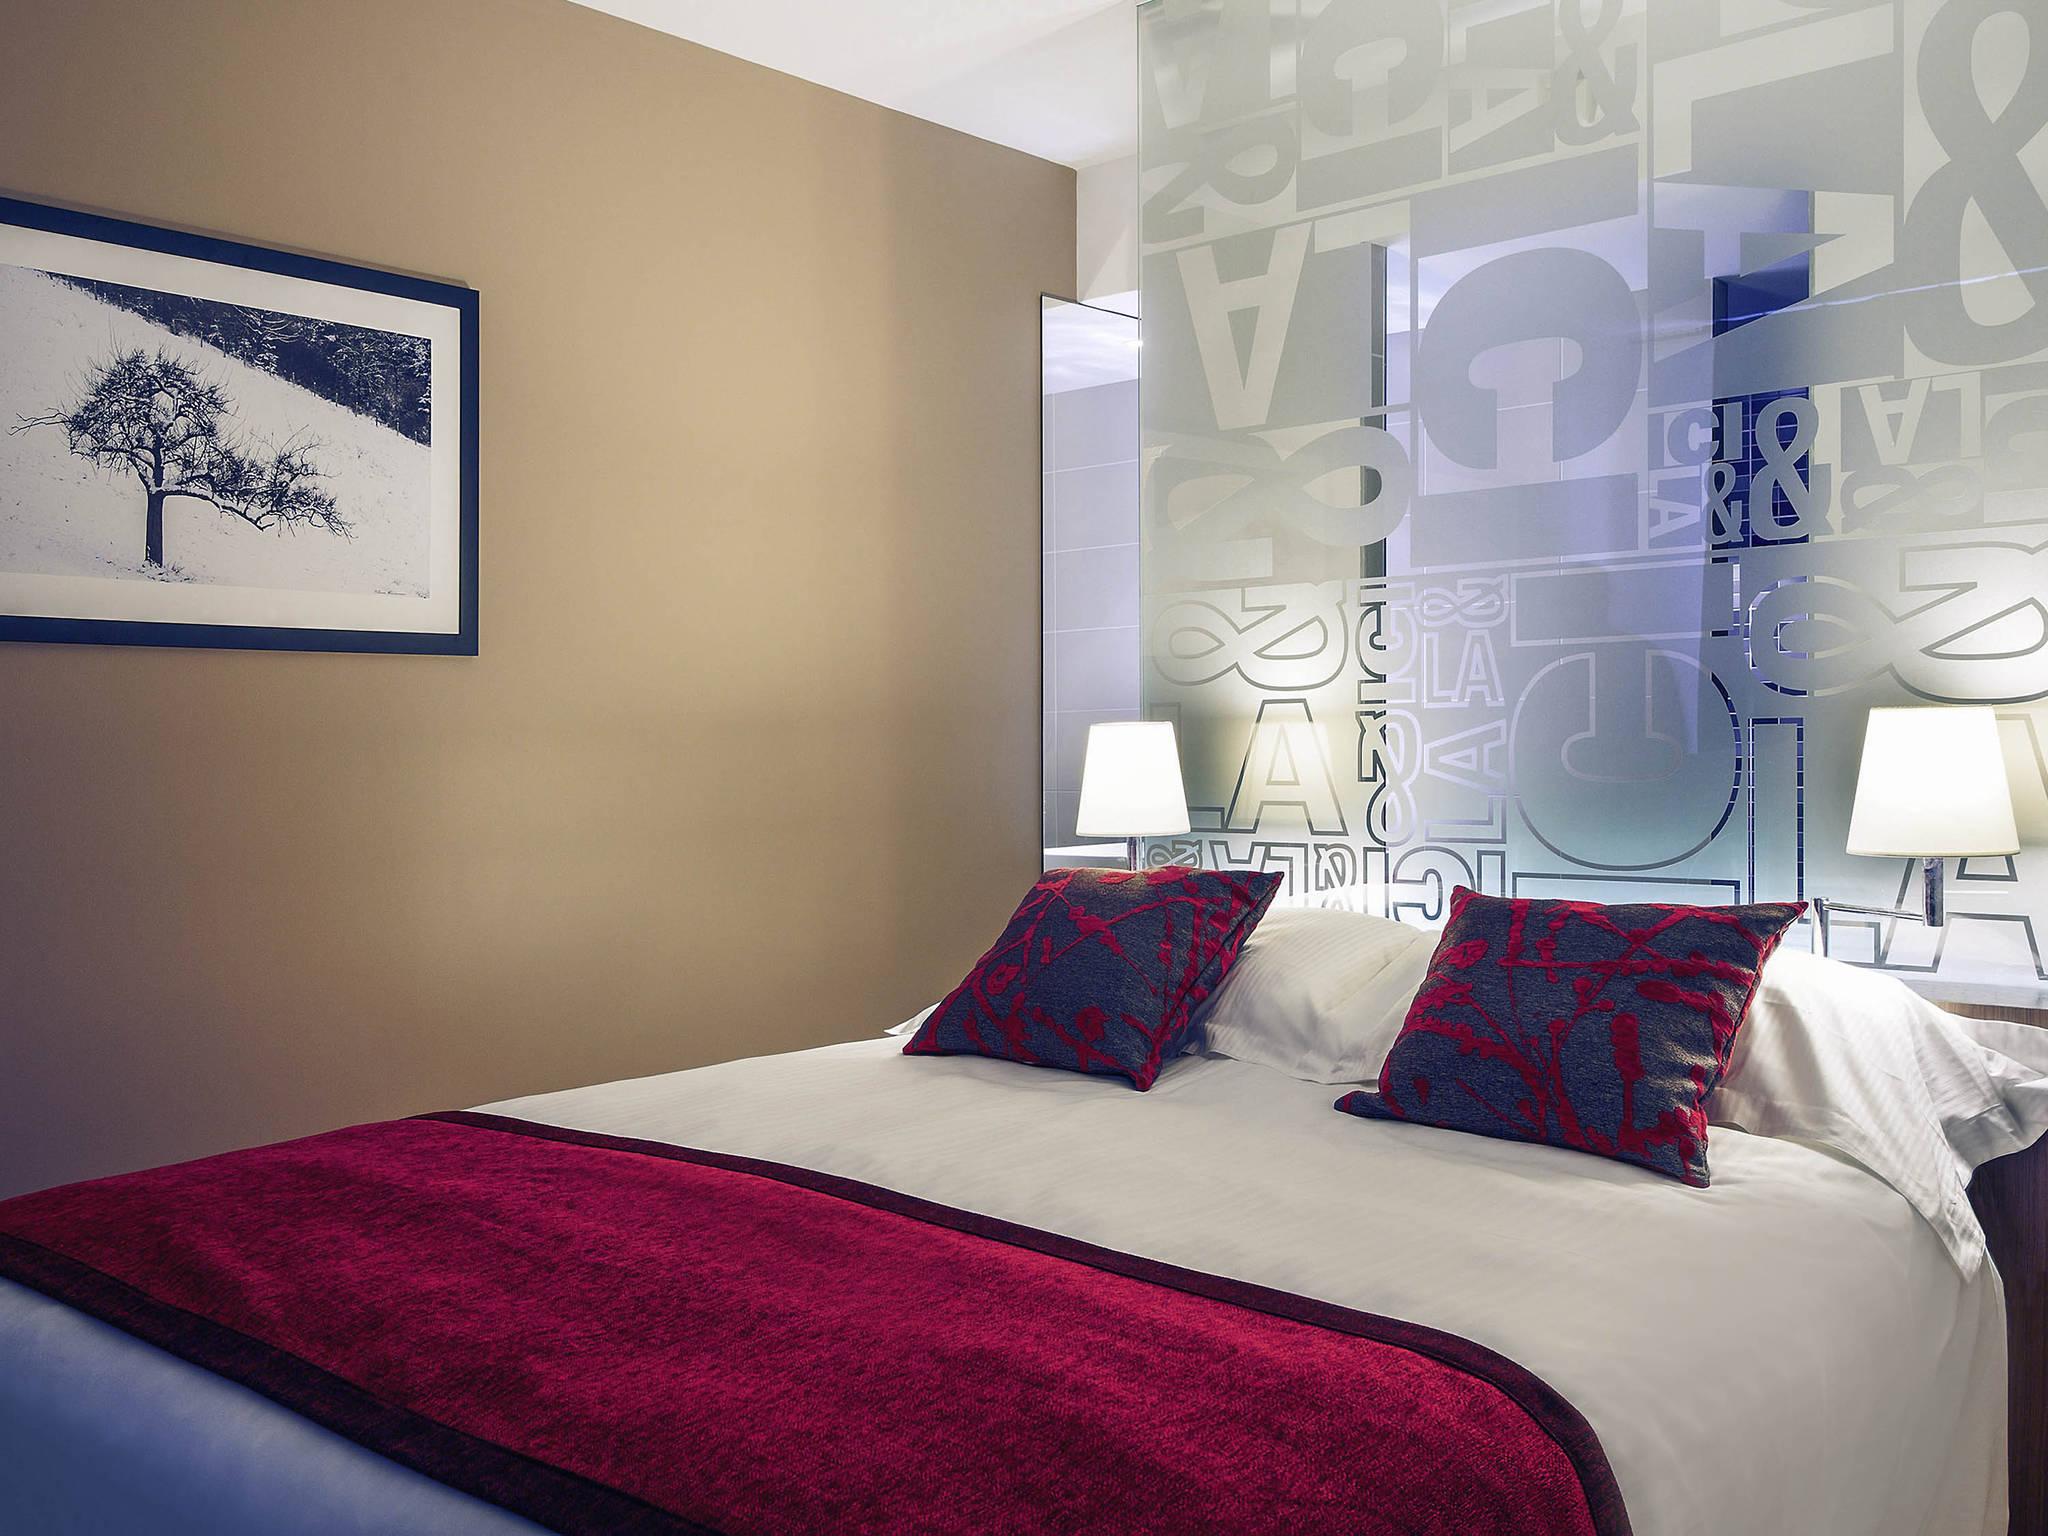 Hotel – Hôtel Mercure Villefranche en Beaujolais Ici & La